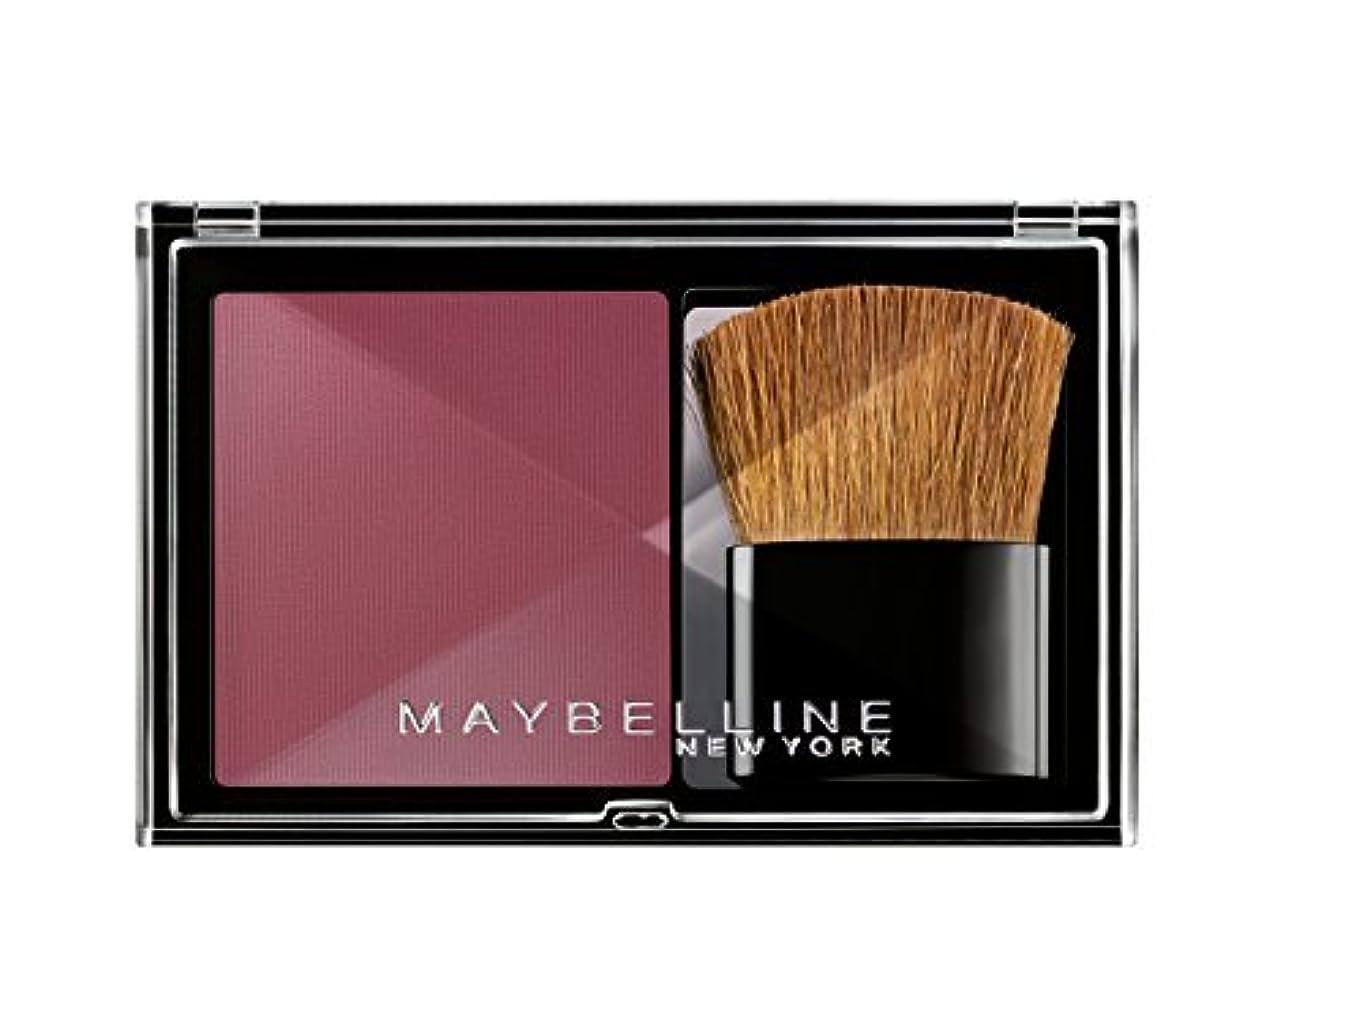 ピック仲人輝くMaybelline Expertwear Blush - Flash Plum (Number 79) by Maybelline